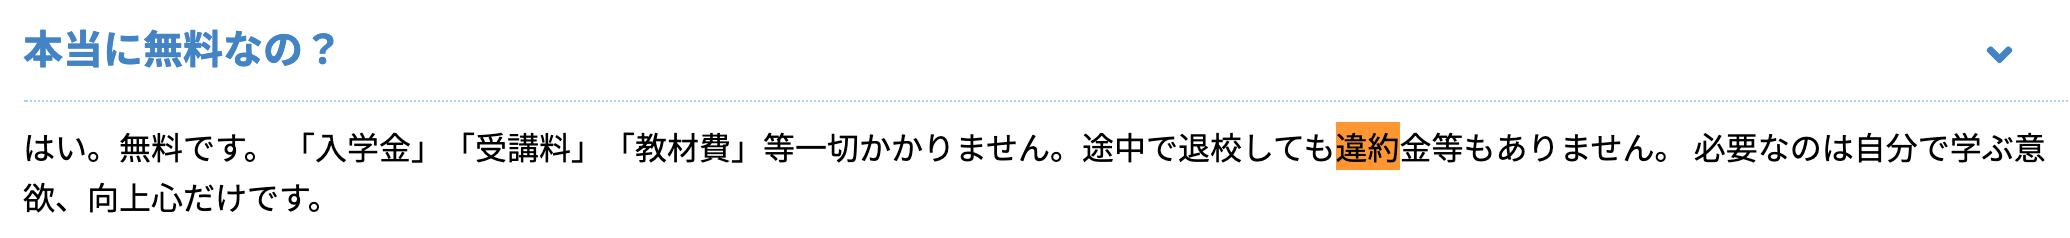 0スク_違約金